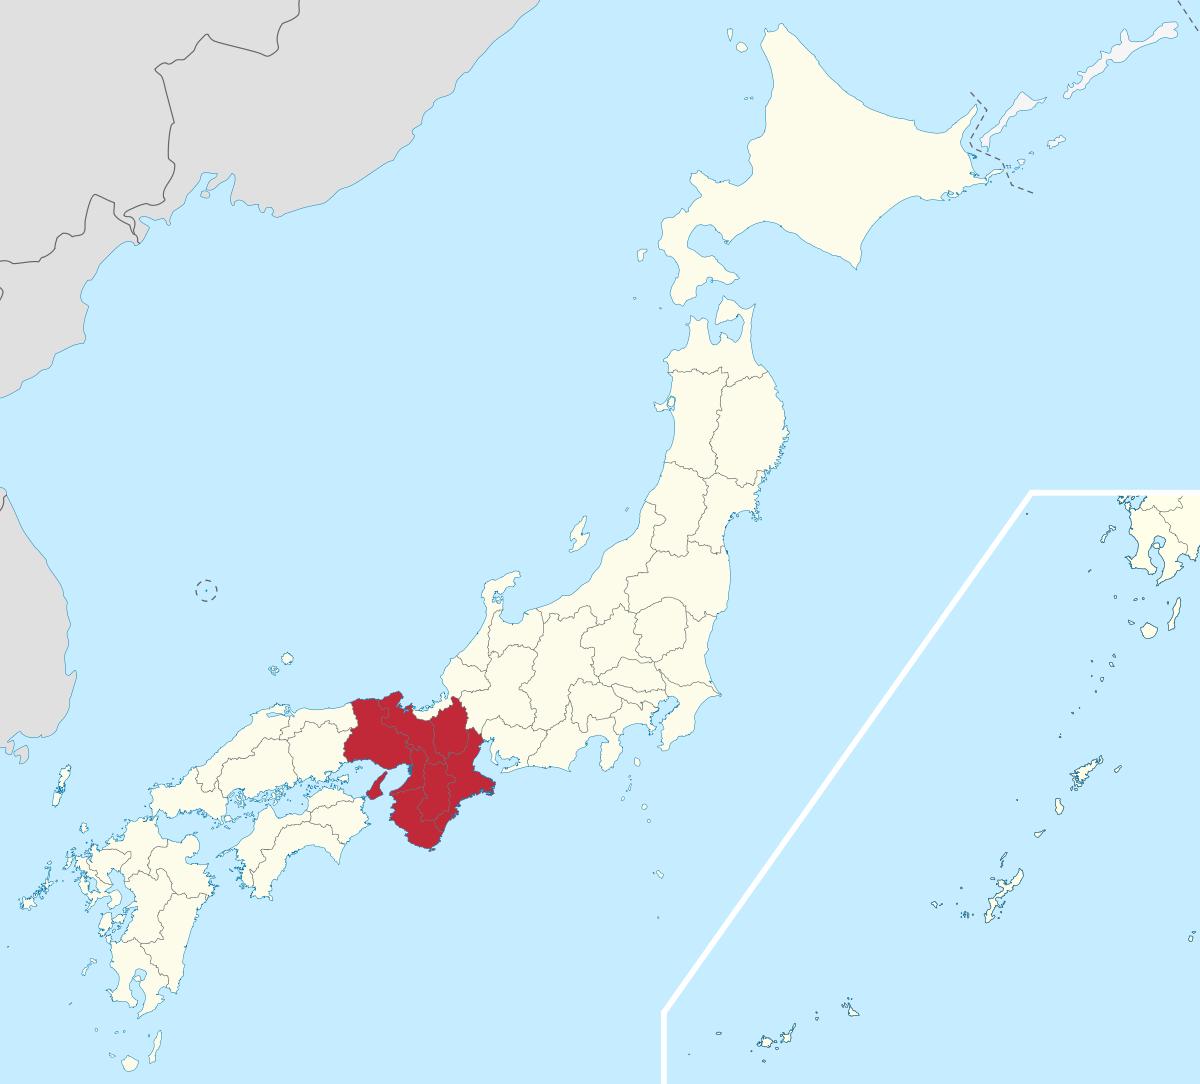 近畿地方 - Wikipedia